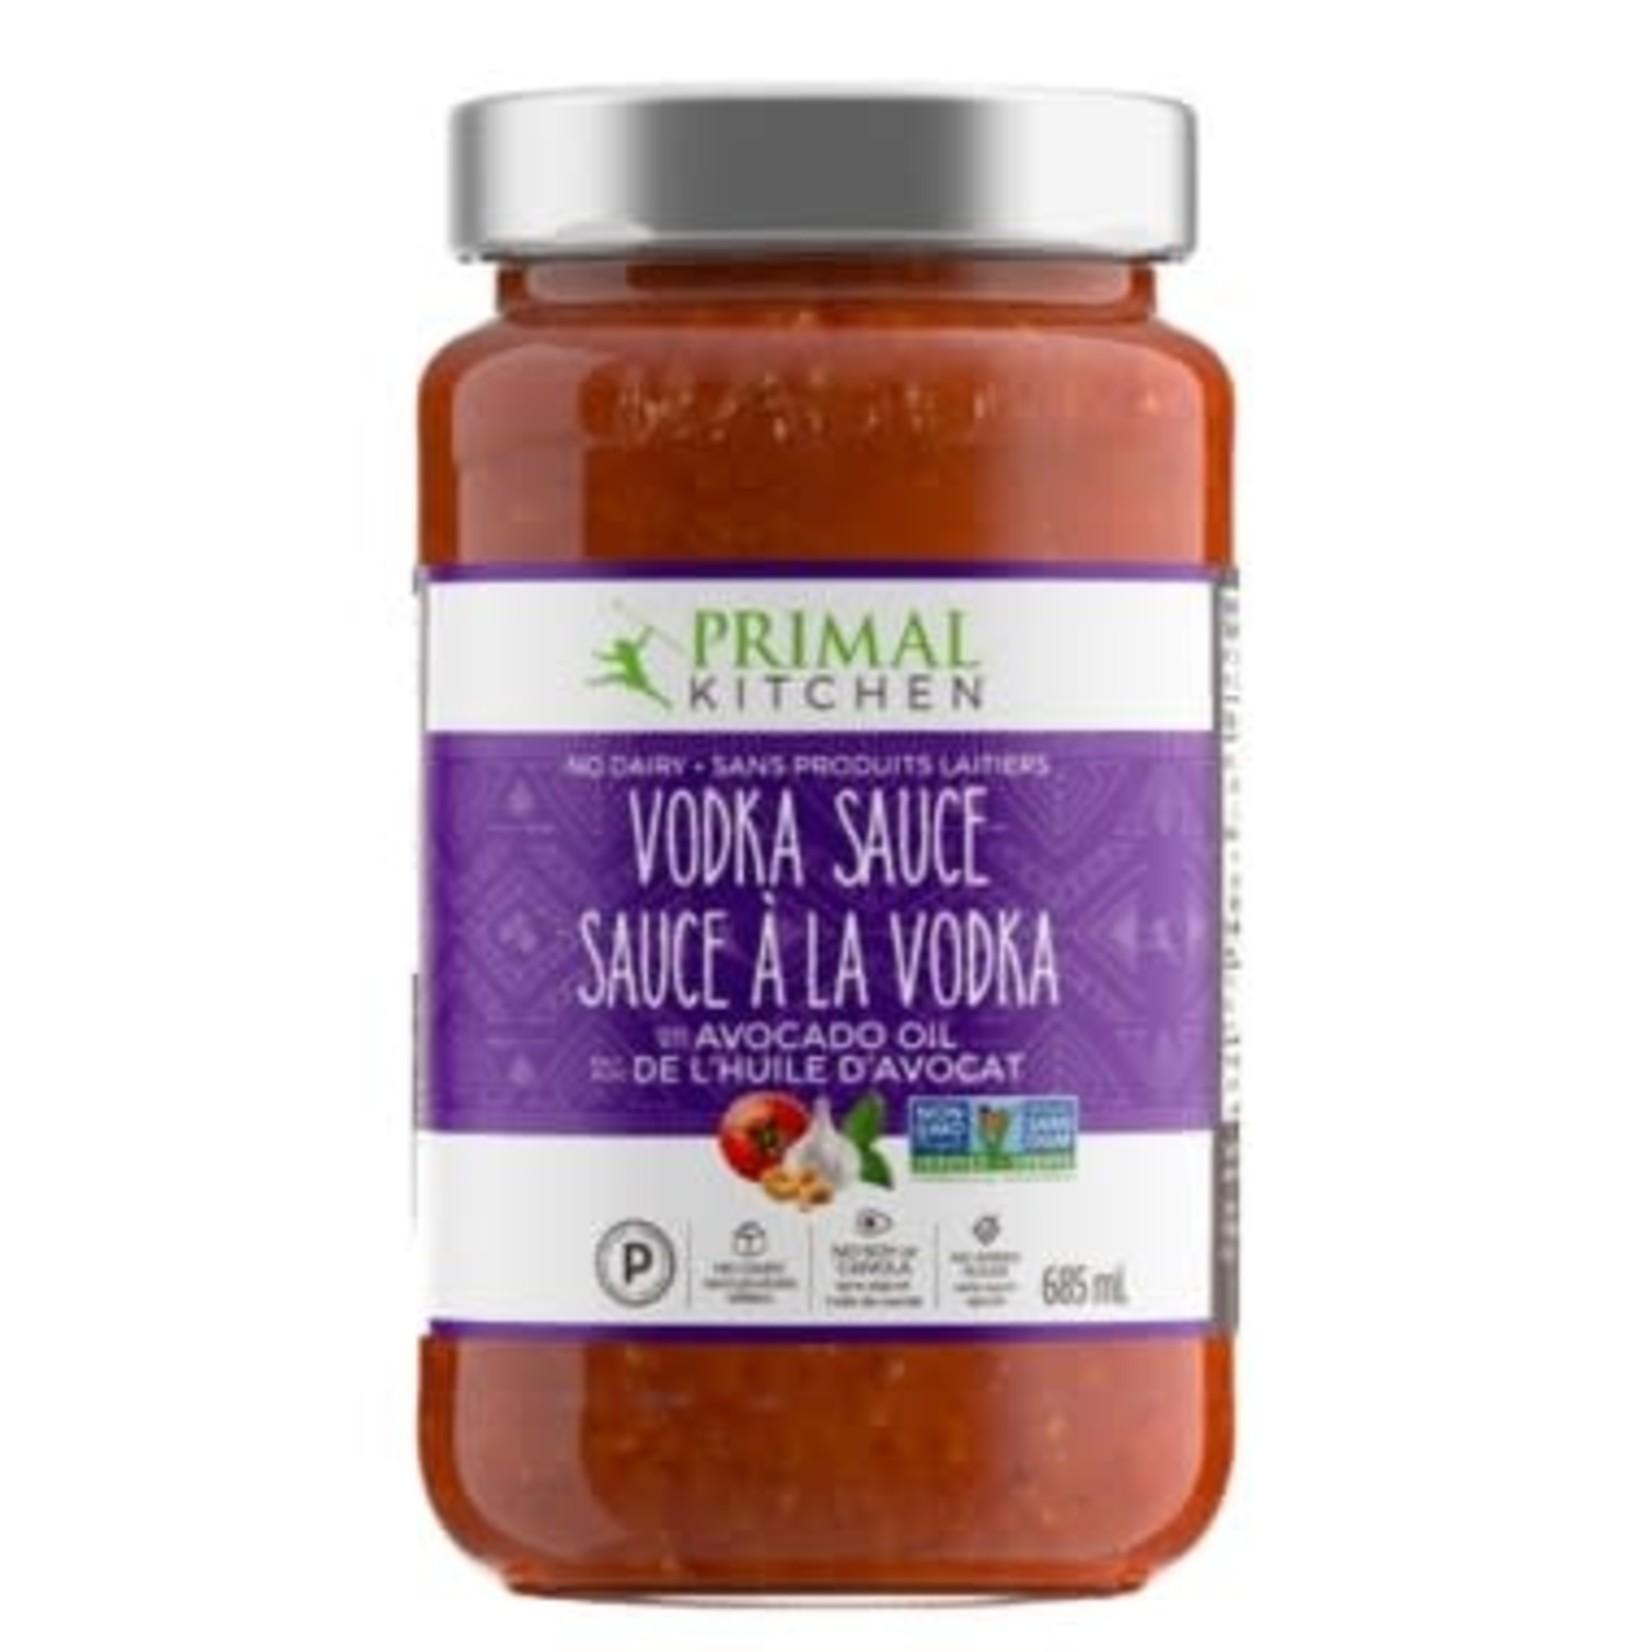 Primal Kitchen Primal Kitchen No Dairy Vodka Sauce